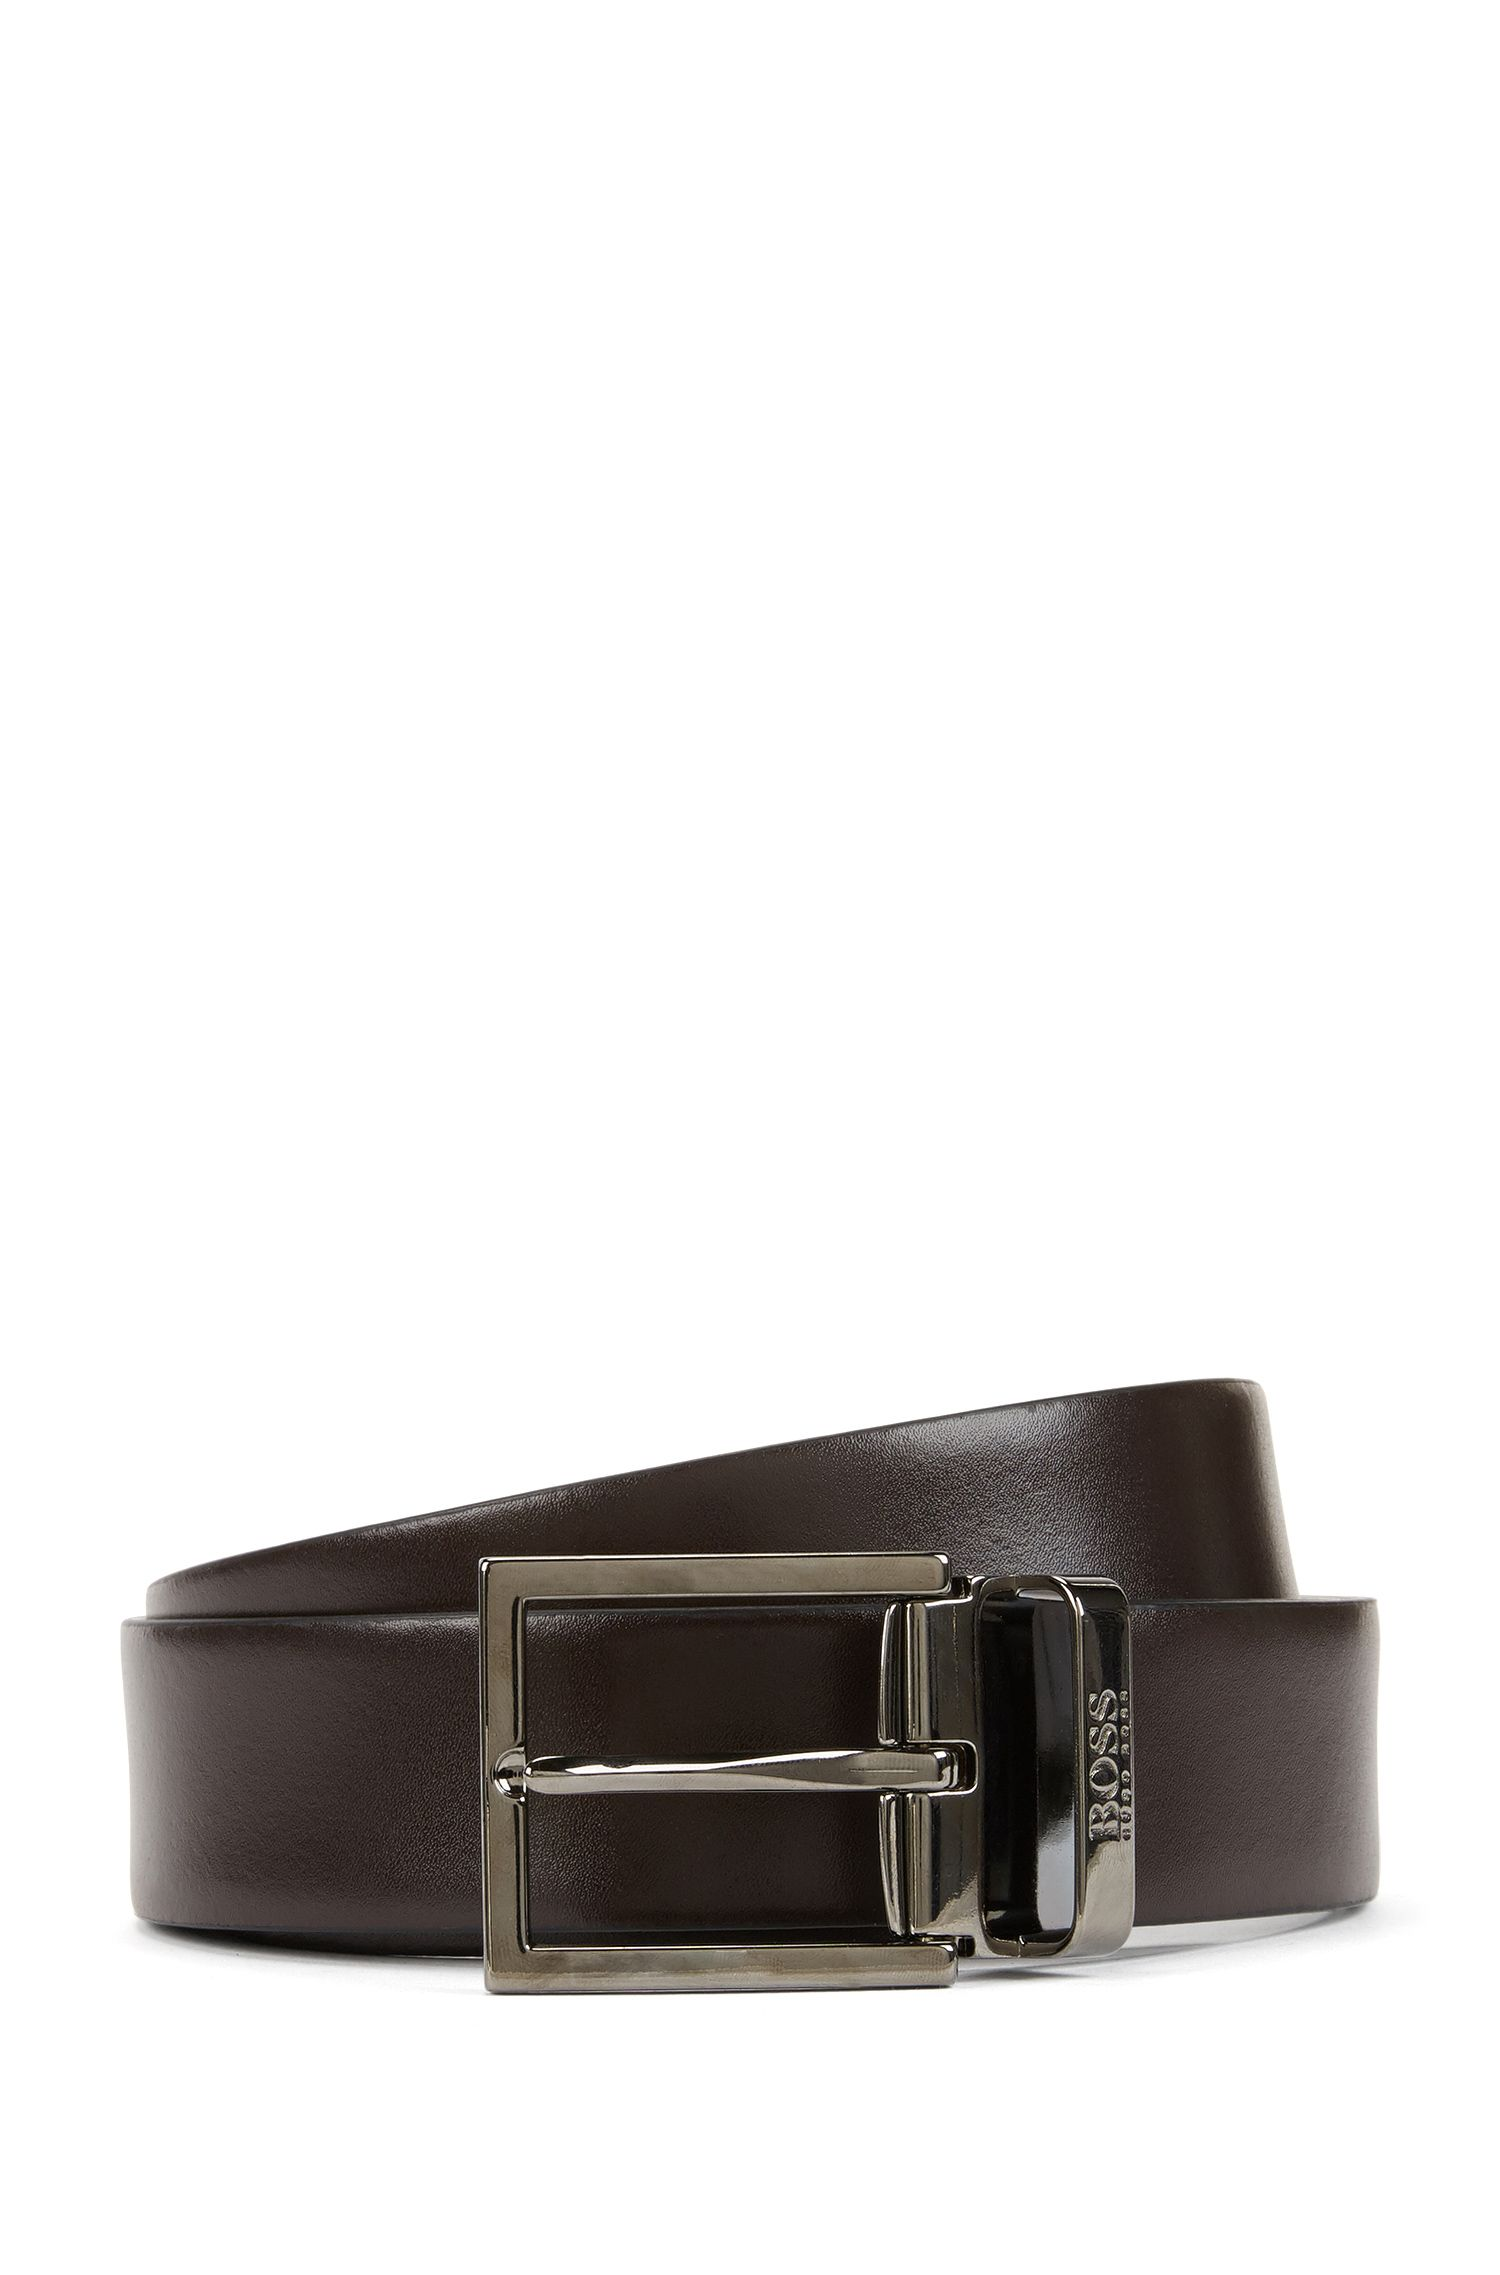 Cinturón reversible para viaje en piel lisa